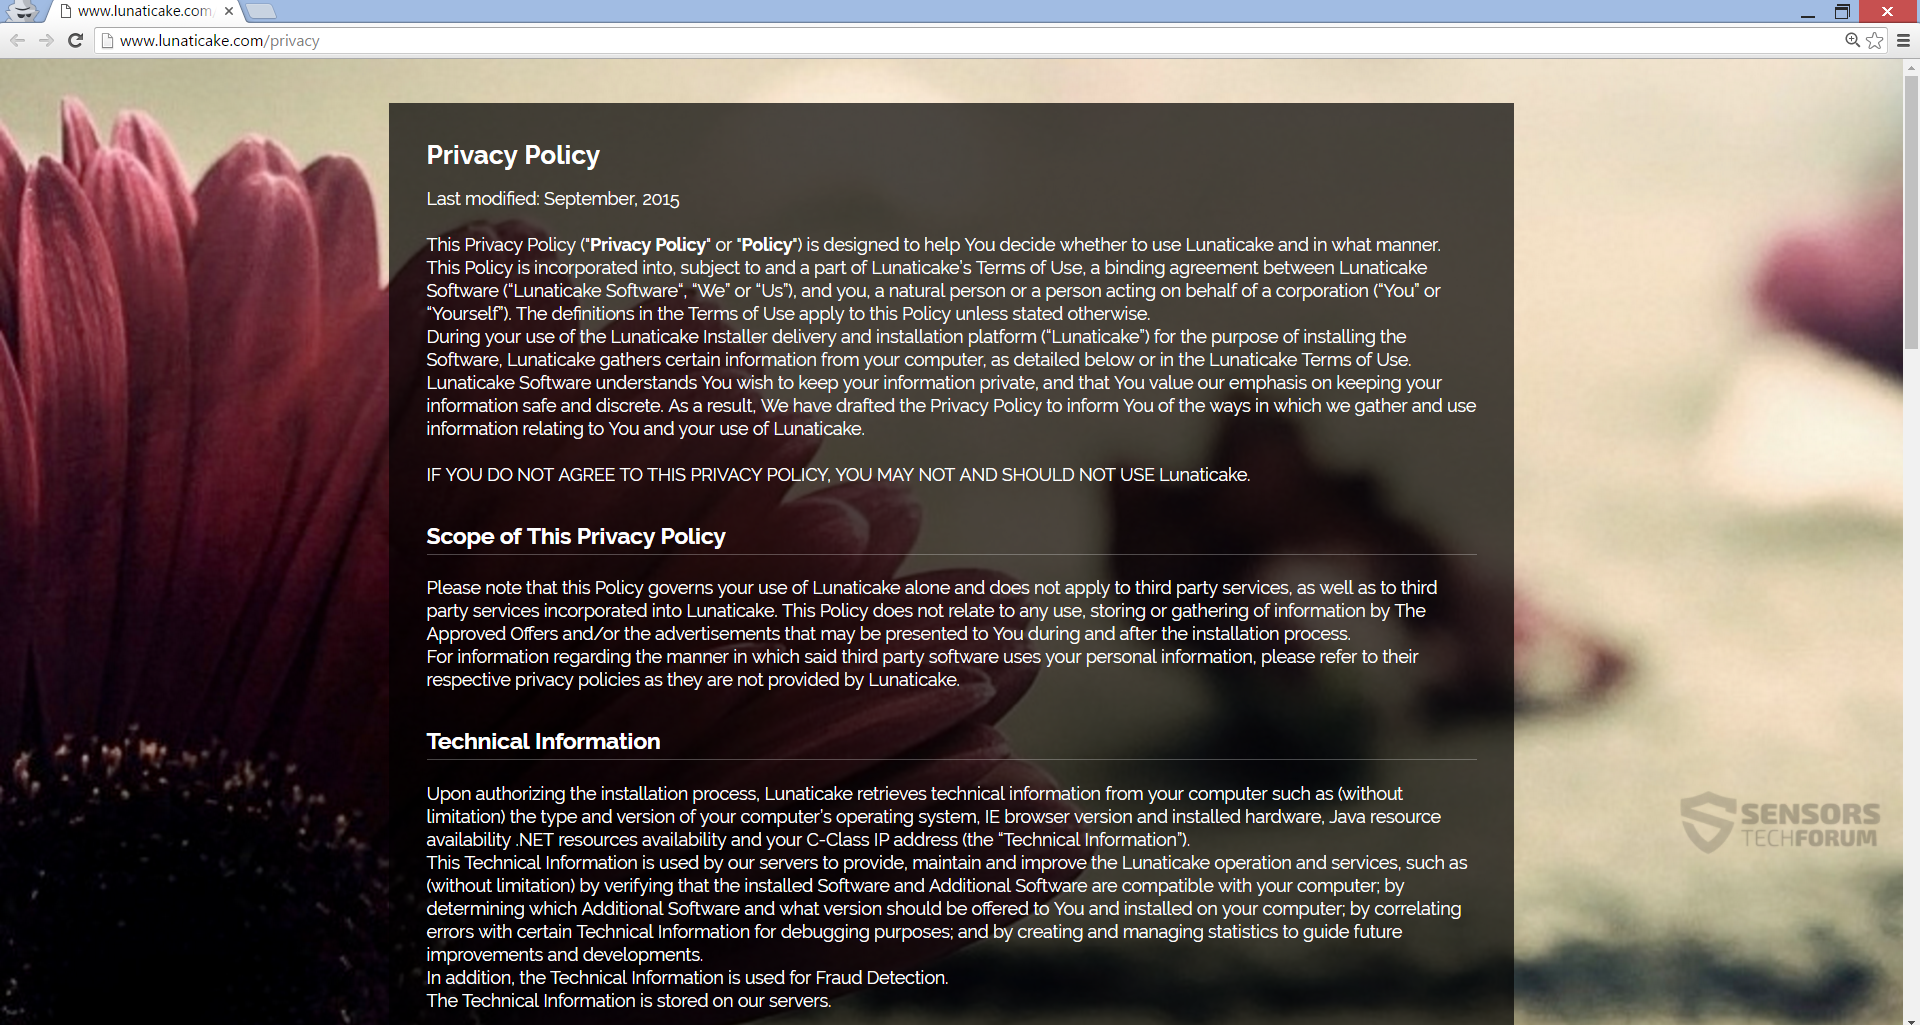 STF-search-lunaticake-com-main-page-privacy-policy